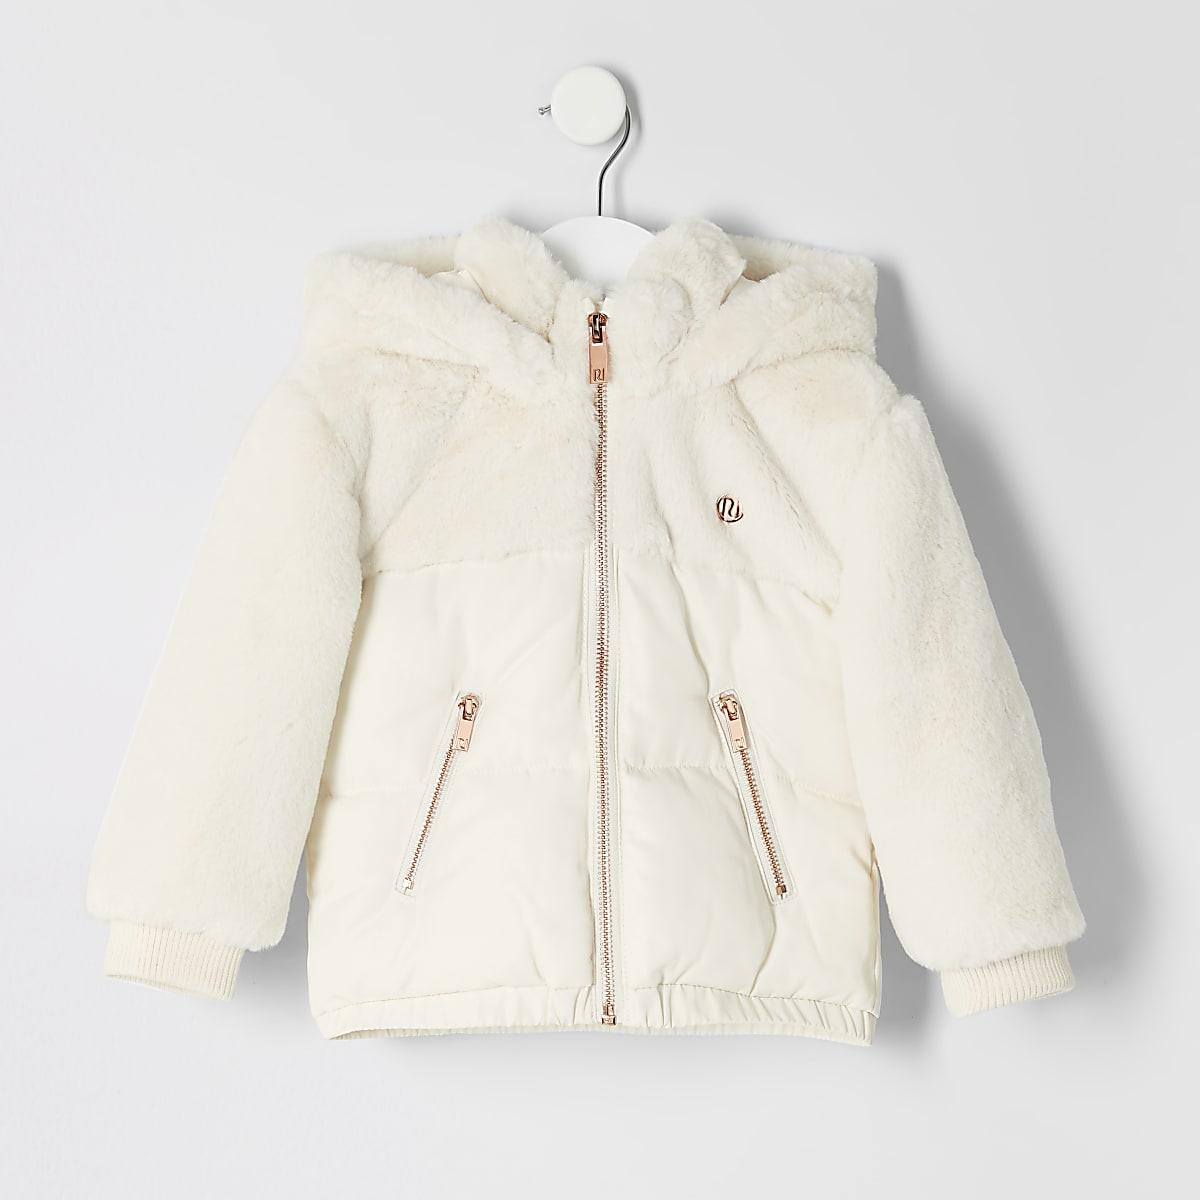 Mini - Crèmekleurig gewatteerd jack van immitatiebont voor meisjes